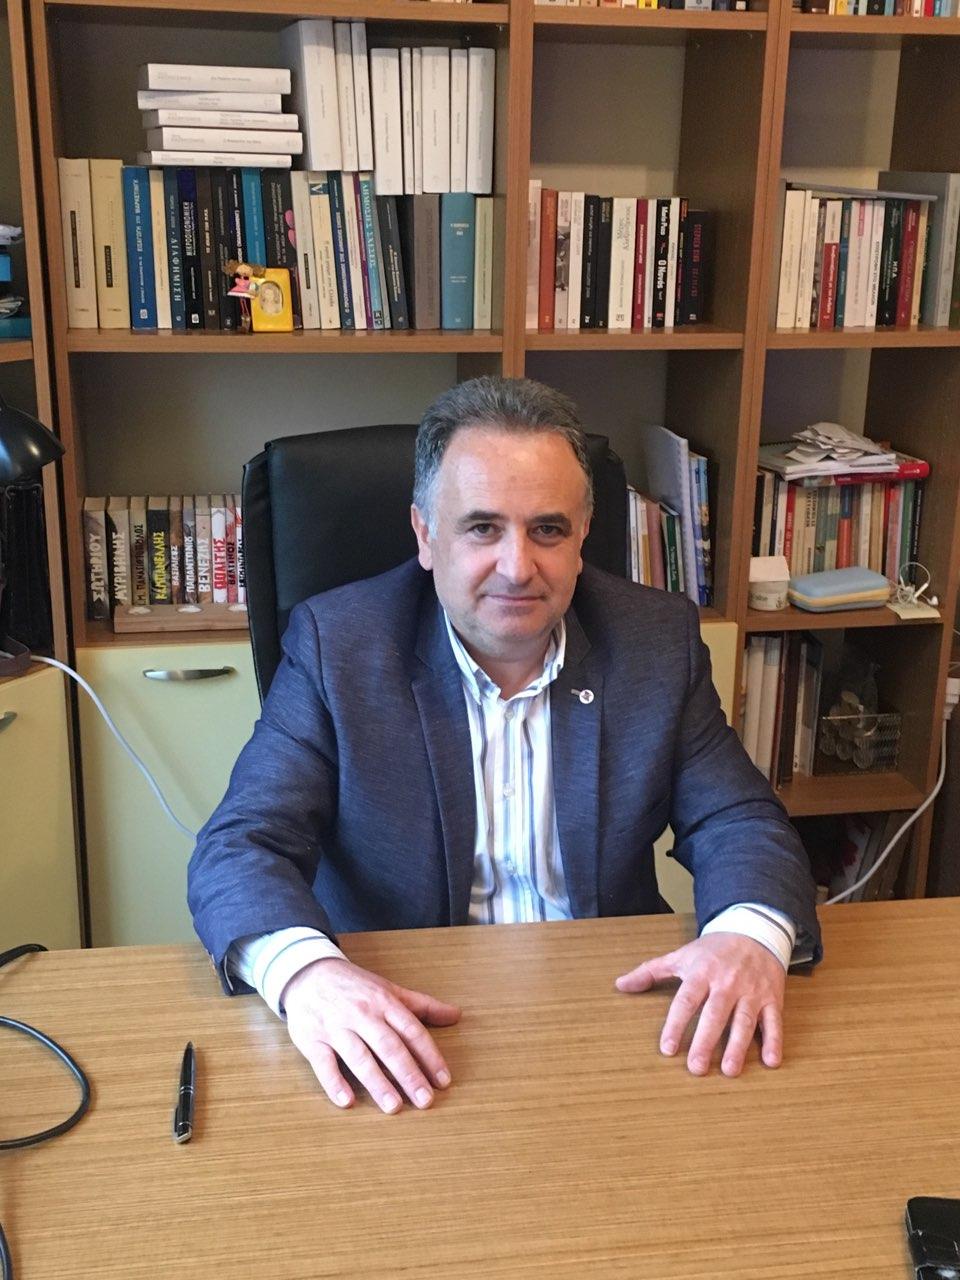 Ευχαριστήριο μήνυμα του Προέδρου της ΔΗΜΤΟ ΝΔ Γρεβενών κ.Δημήτριου Κωδουνά